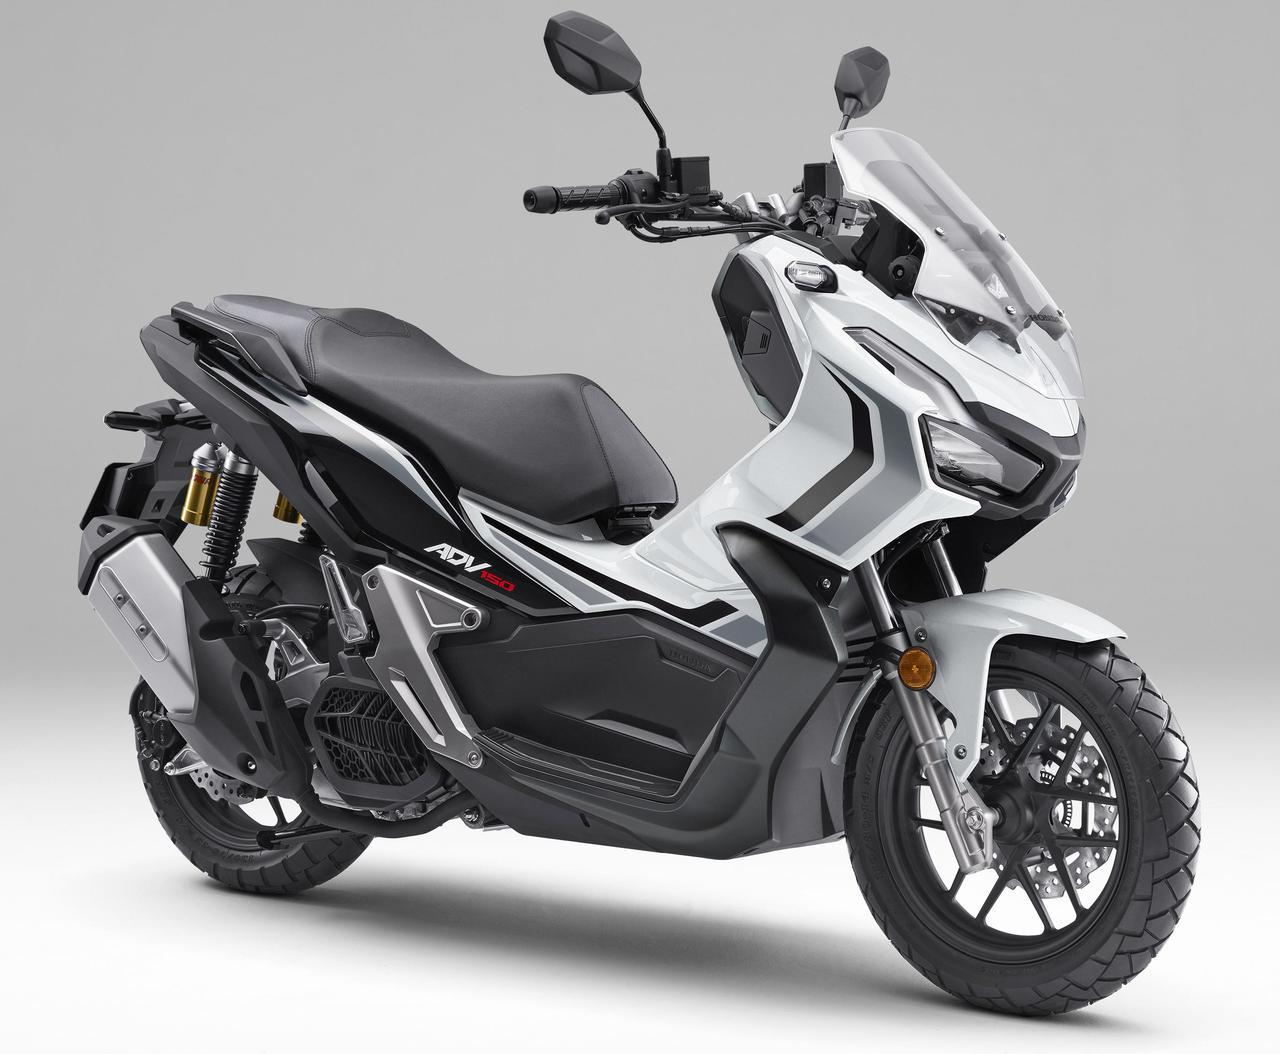 画像: Honda ADV150 2021年限定カラー「ロスホワイト」 総排気量:149cc エンジン形式:水冷4ストSOHC単気筒 シート高:795mm 車両重量:134kg 発売日:2021年7月22日(木・祝) 税込価格:45万1000円